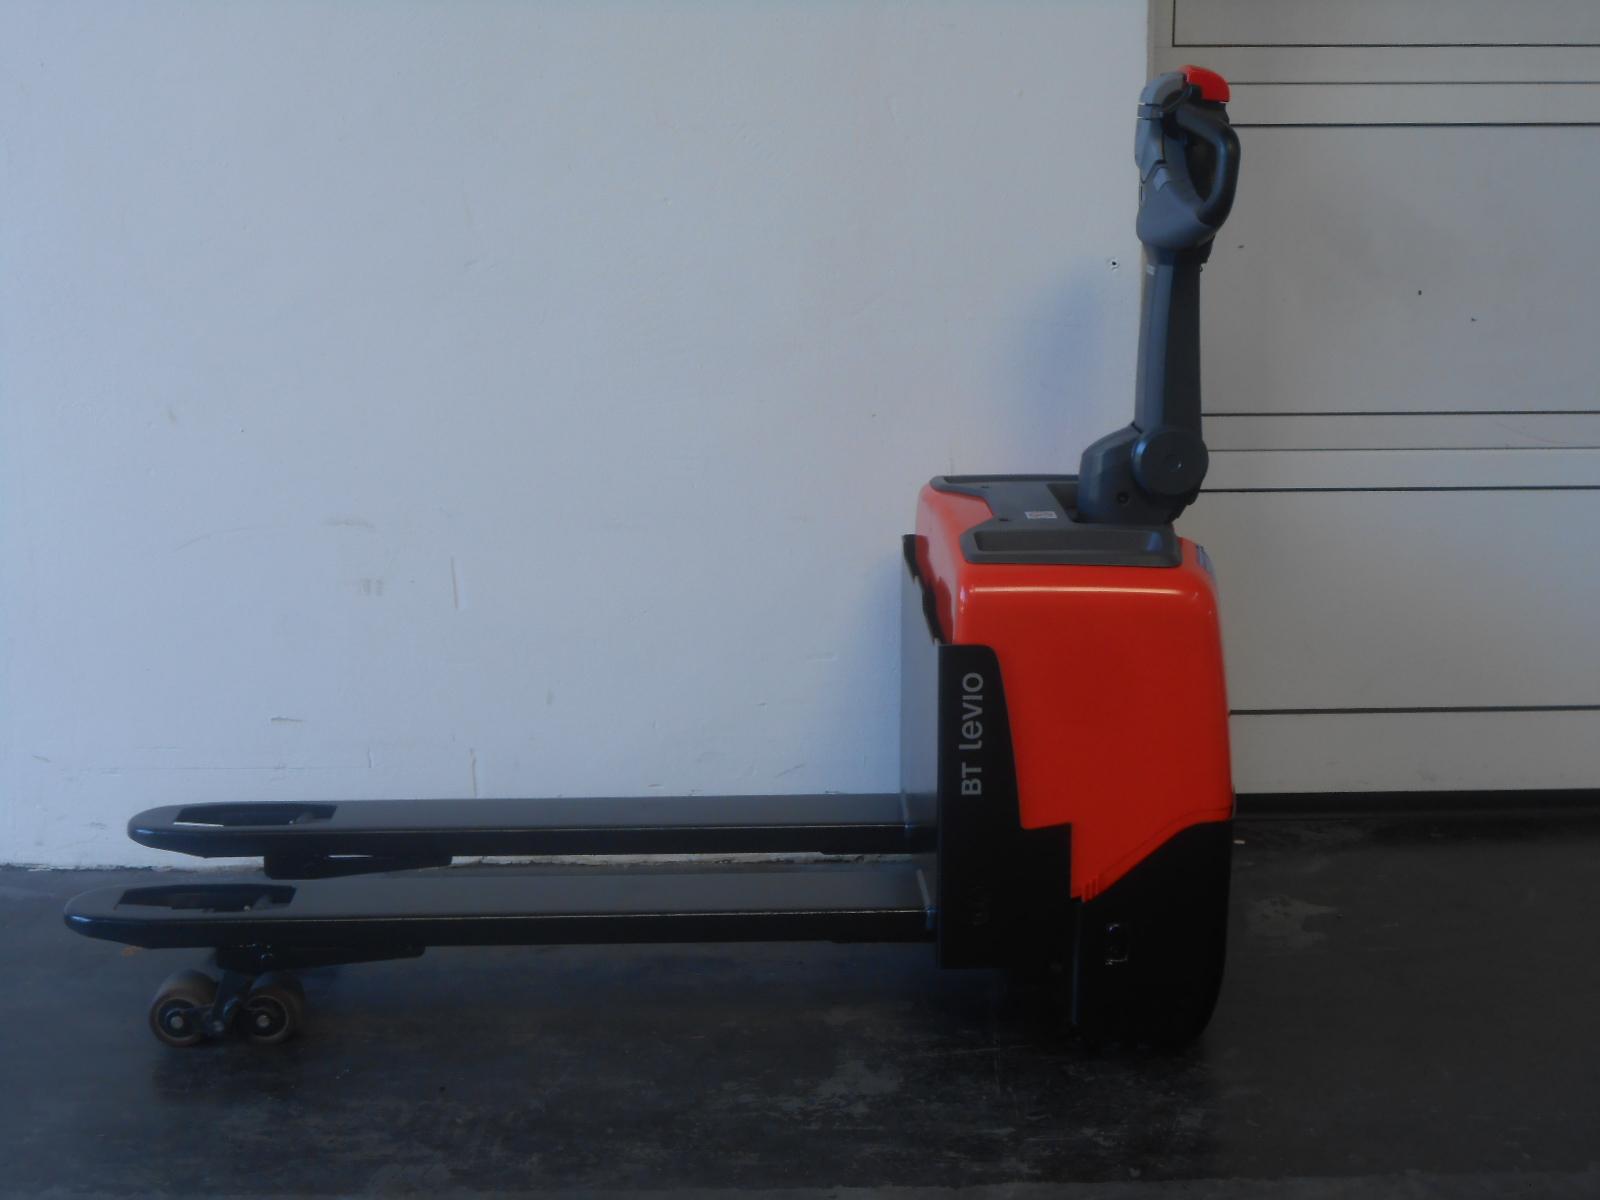 Toyota-Gabelstapler-59840 1804039903 1 72